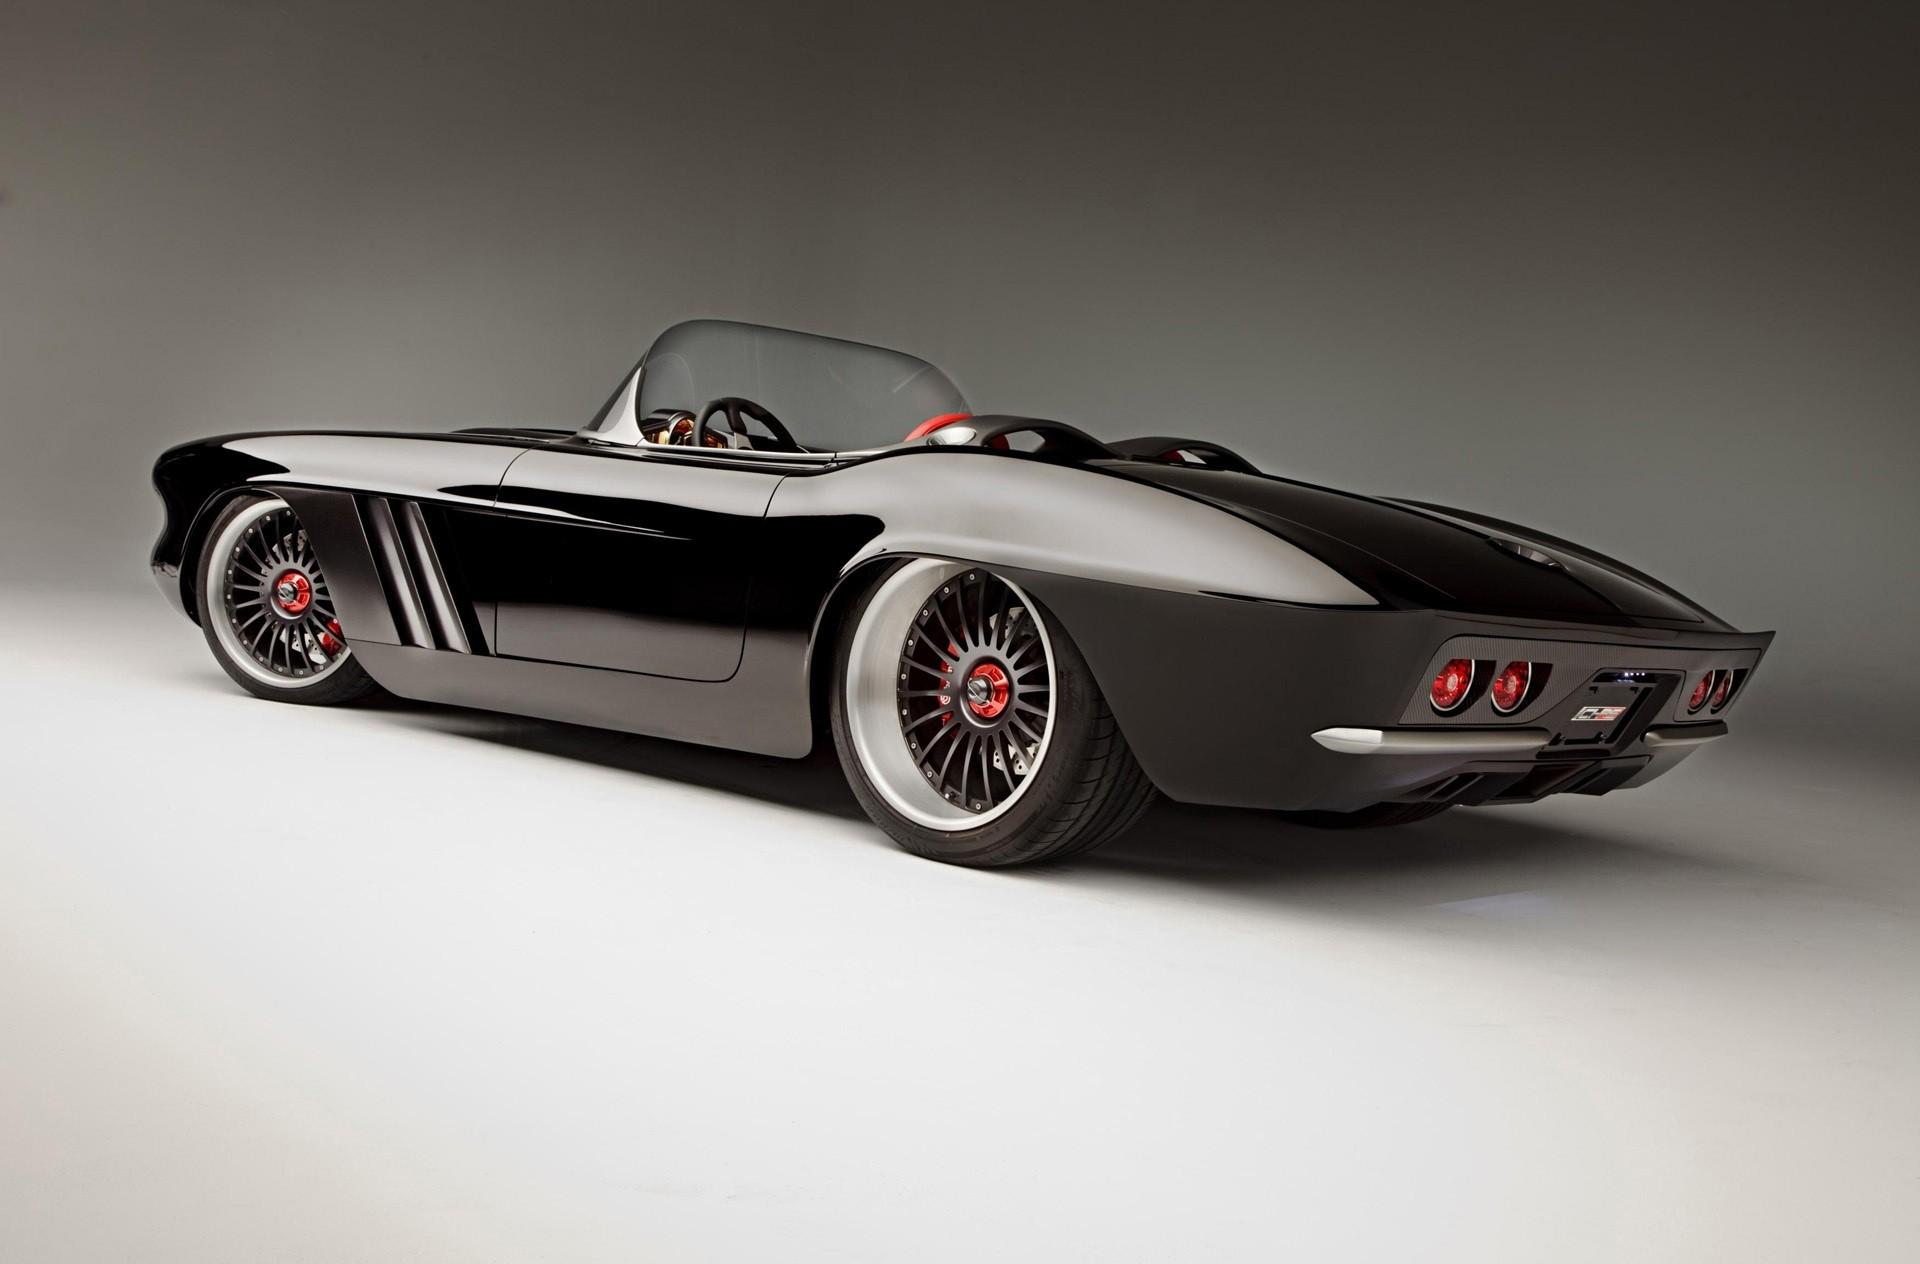 144928 скачать обои Тачки (Cars), 1962, Шевроле (Chevrolet), Rs, Кабриолет, Машины, Черный - заставки и картинки бесплатно